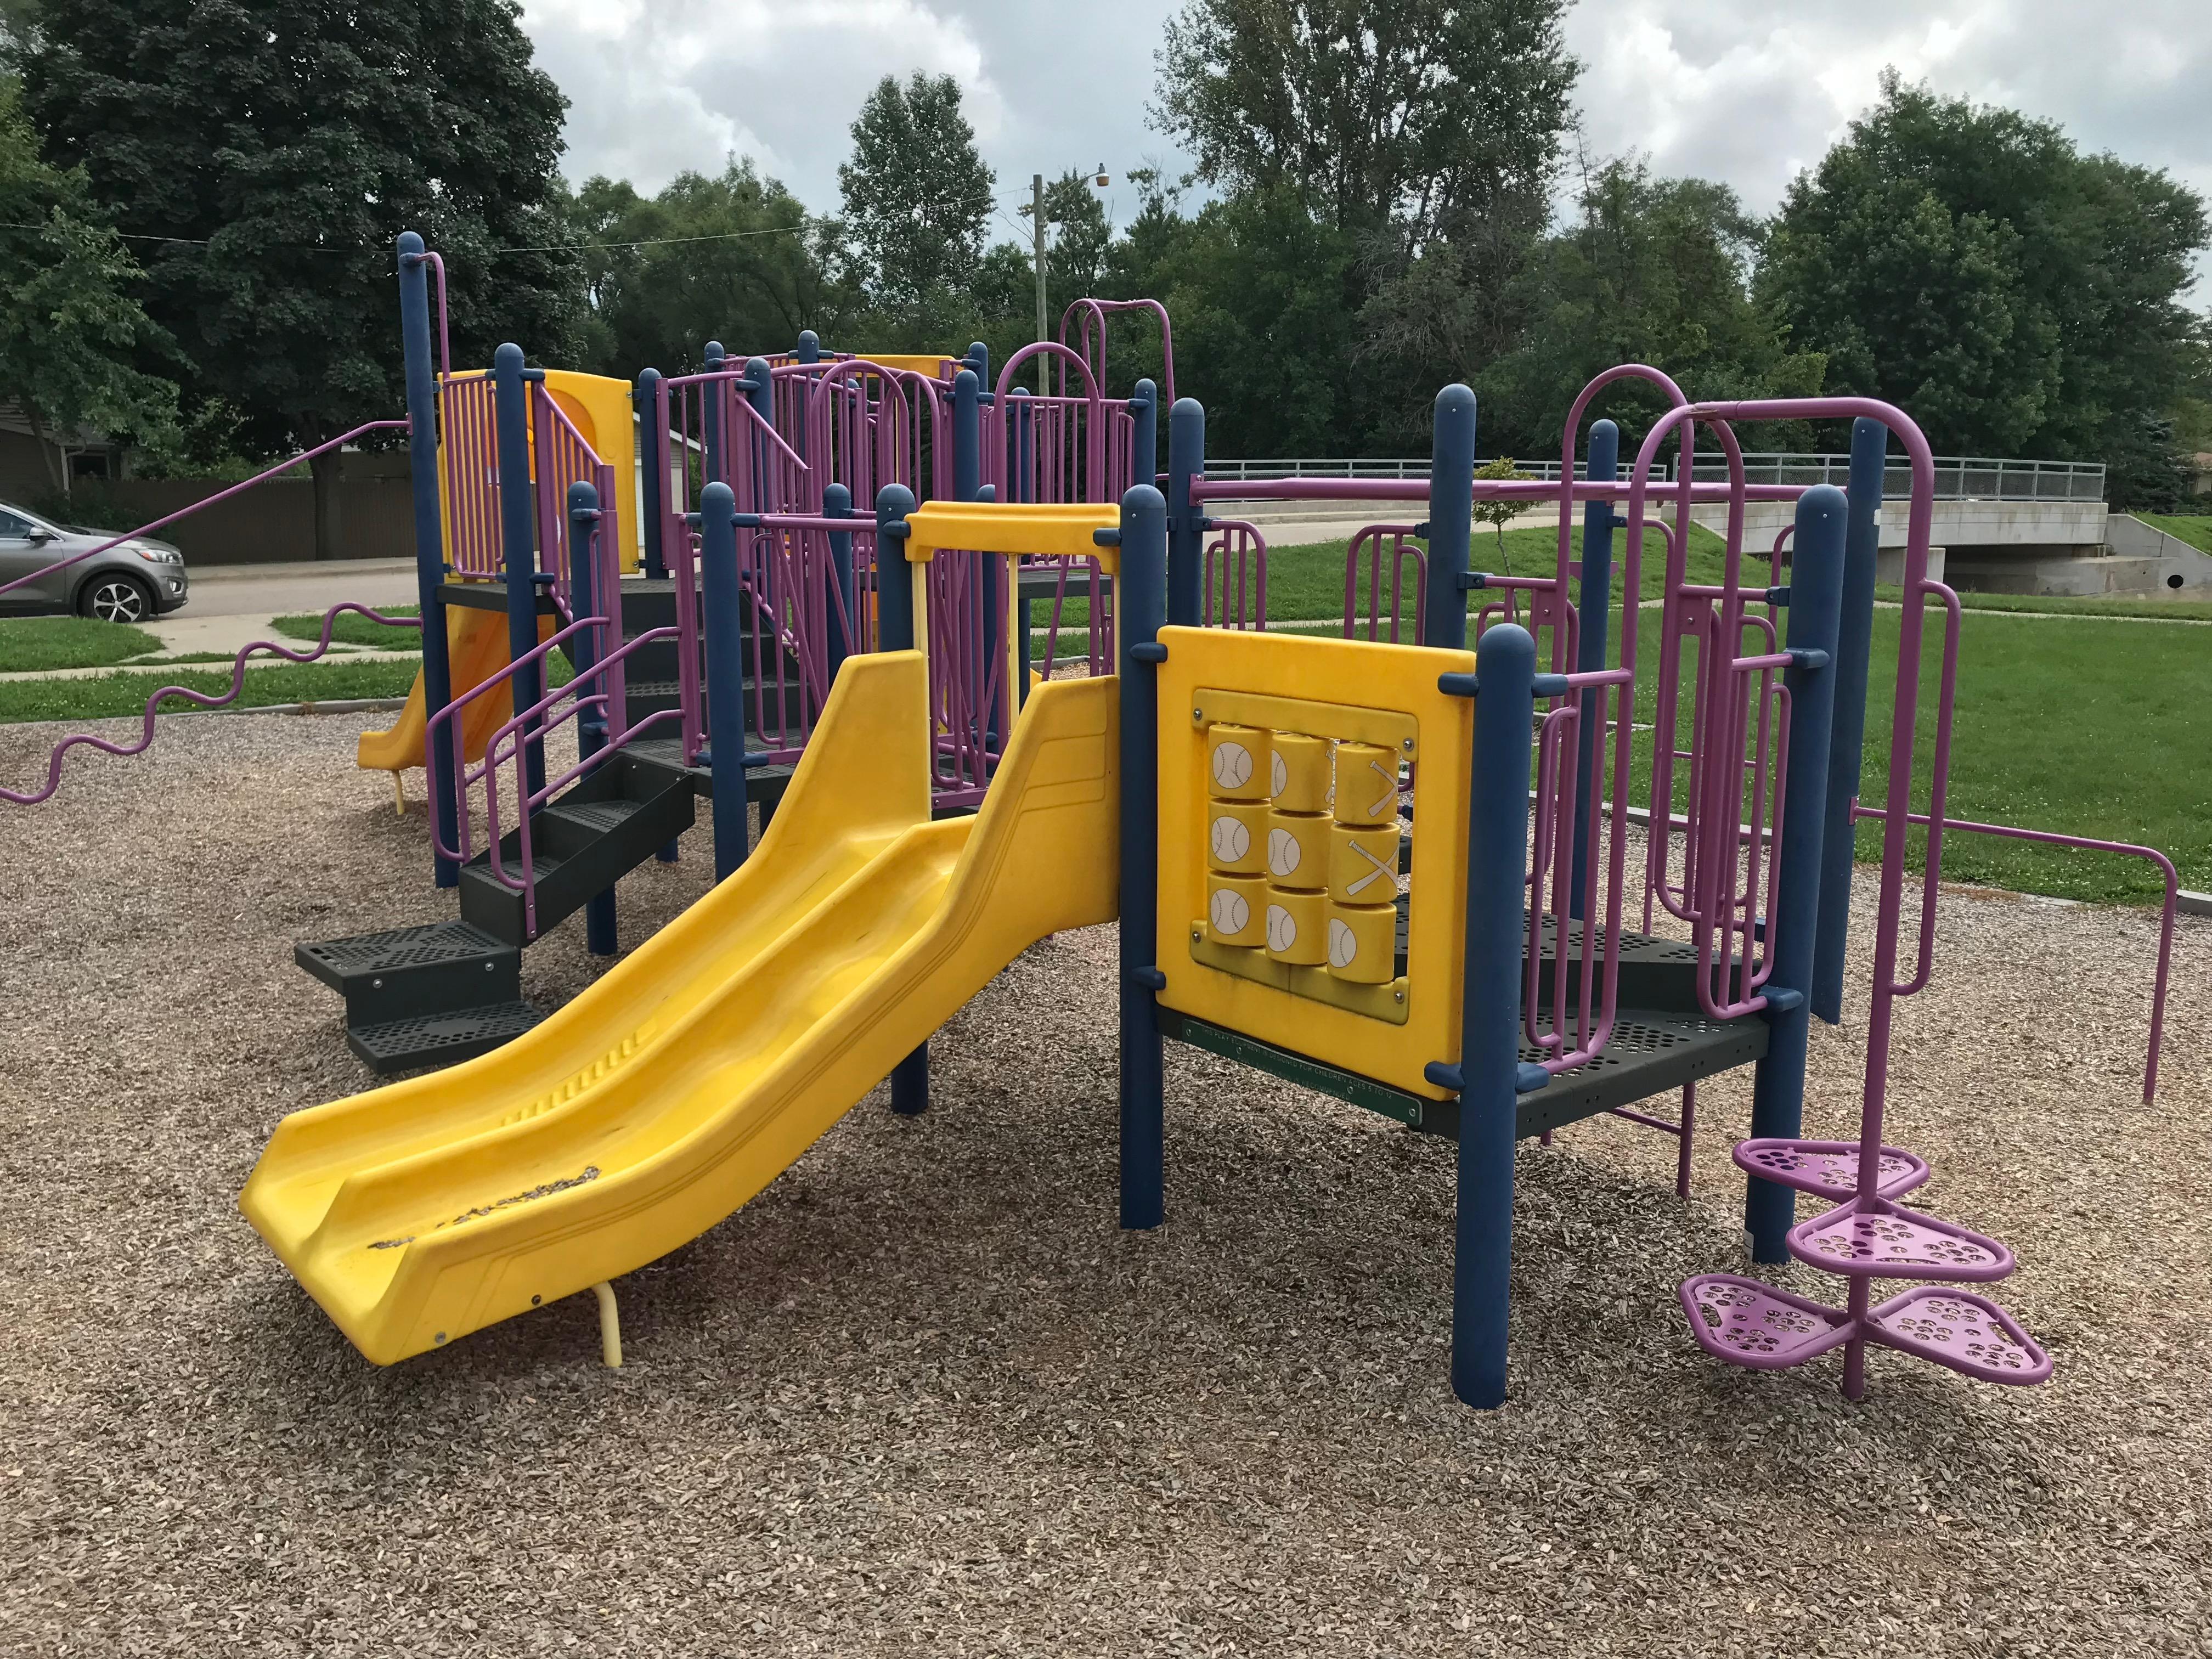 Wantz Park, Loves Park, IL